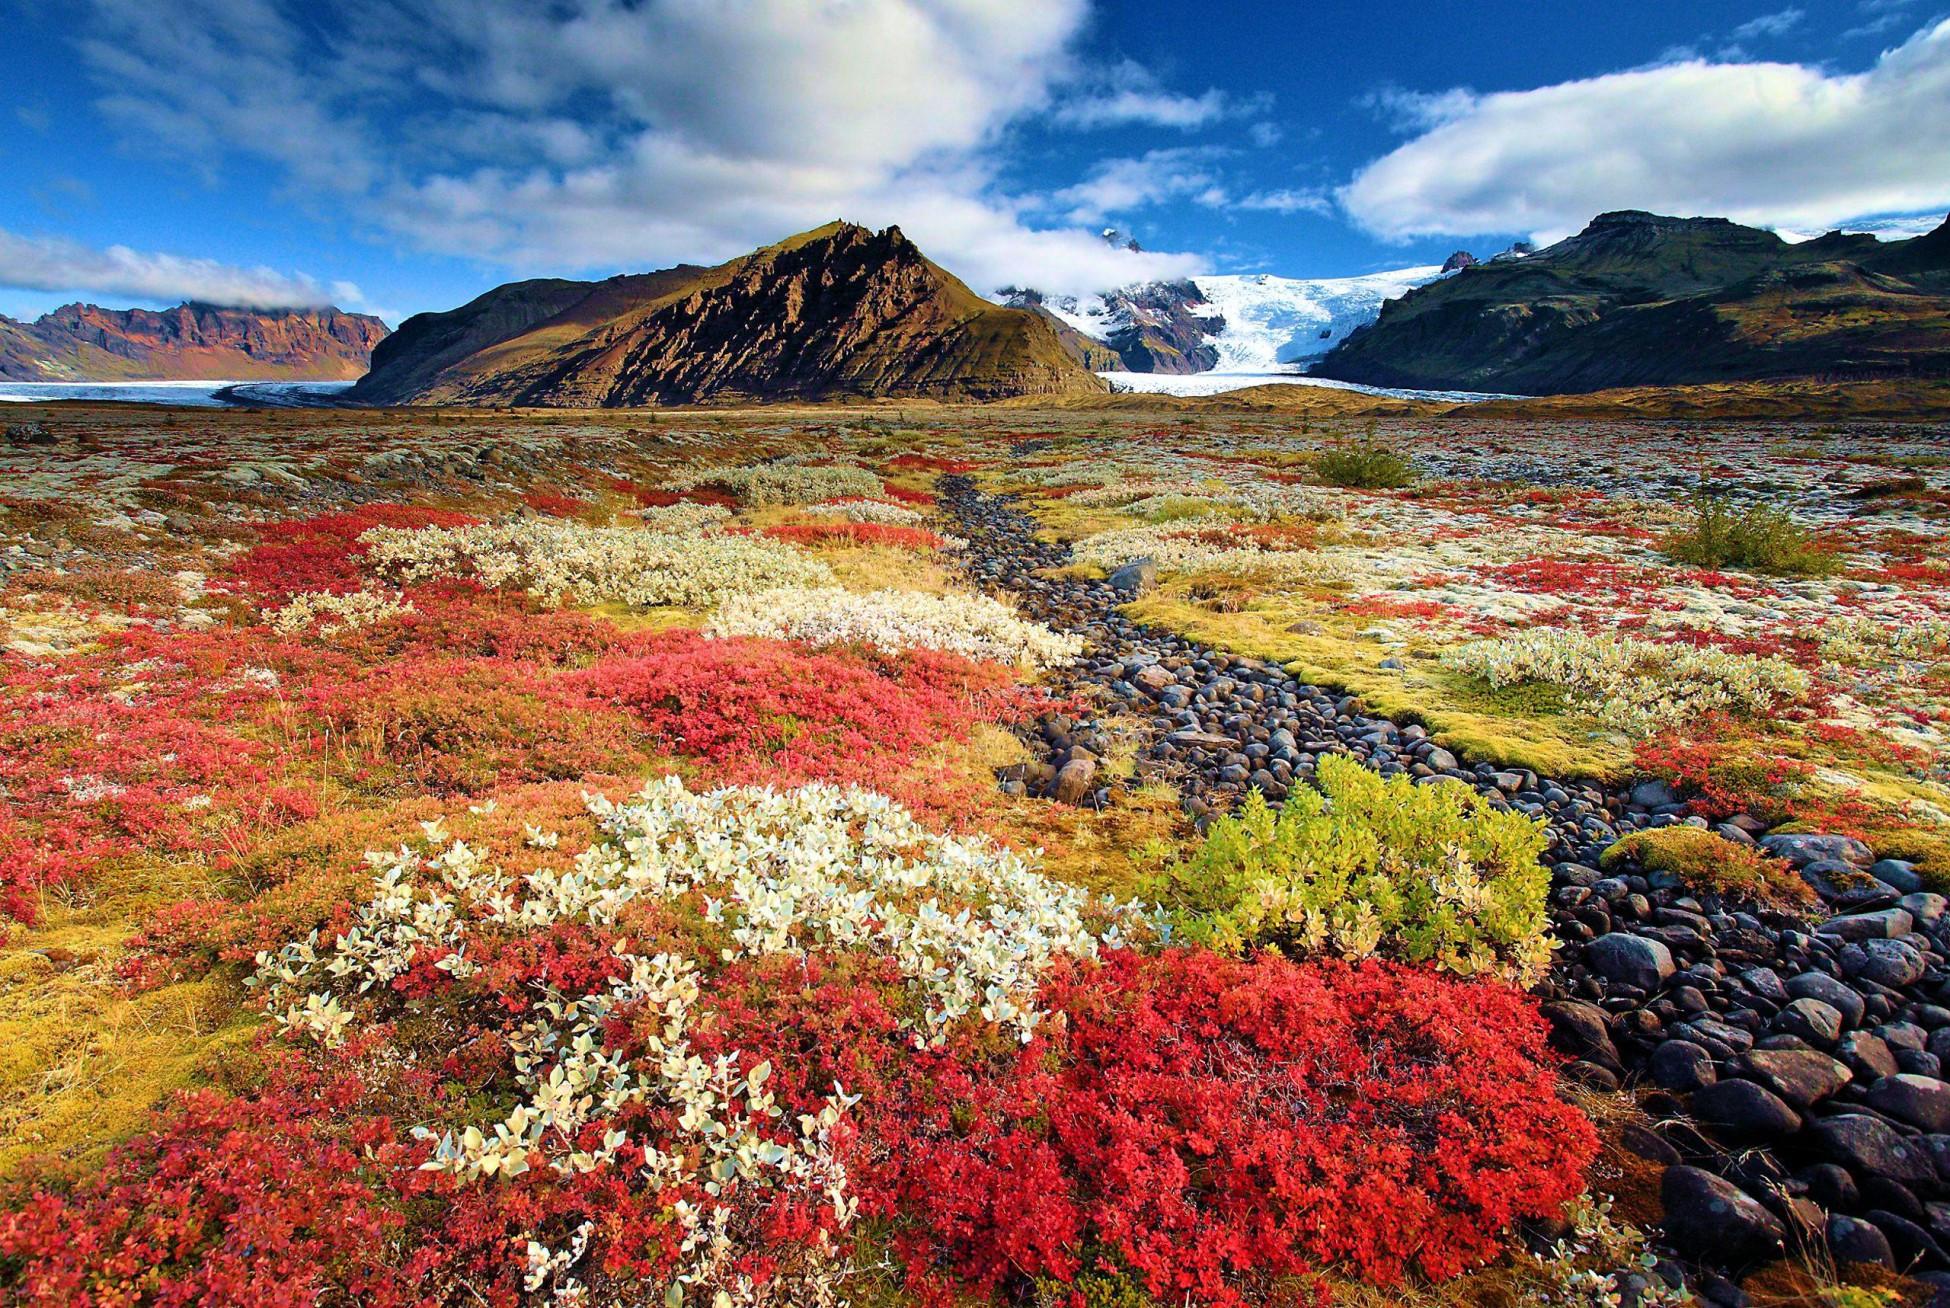 Осенние пейзажи Исландии, ну разве это не чудо природы?